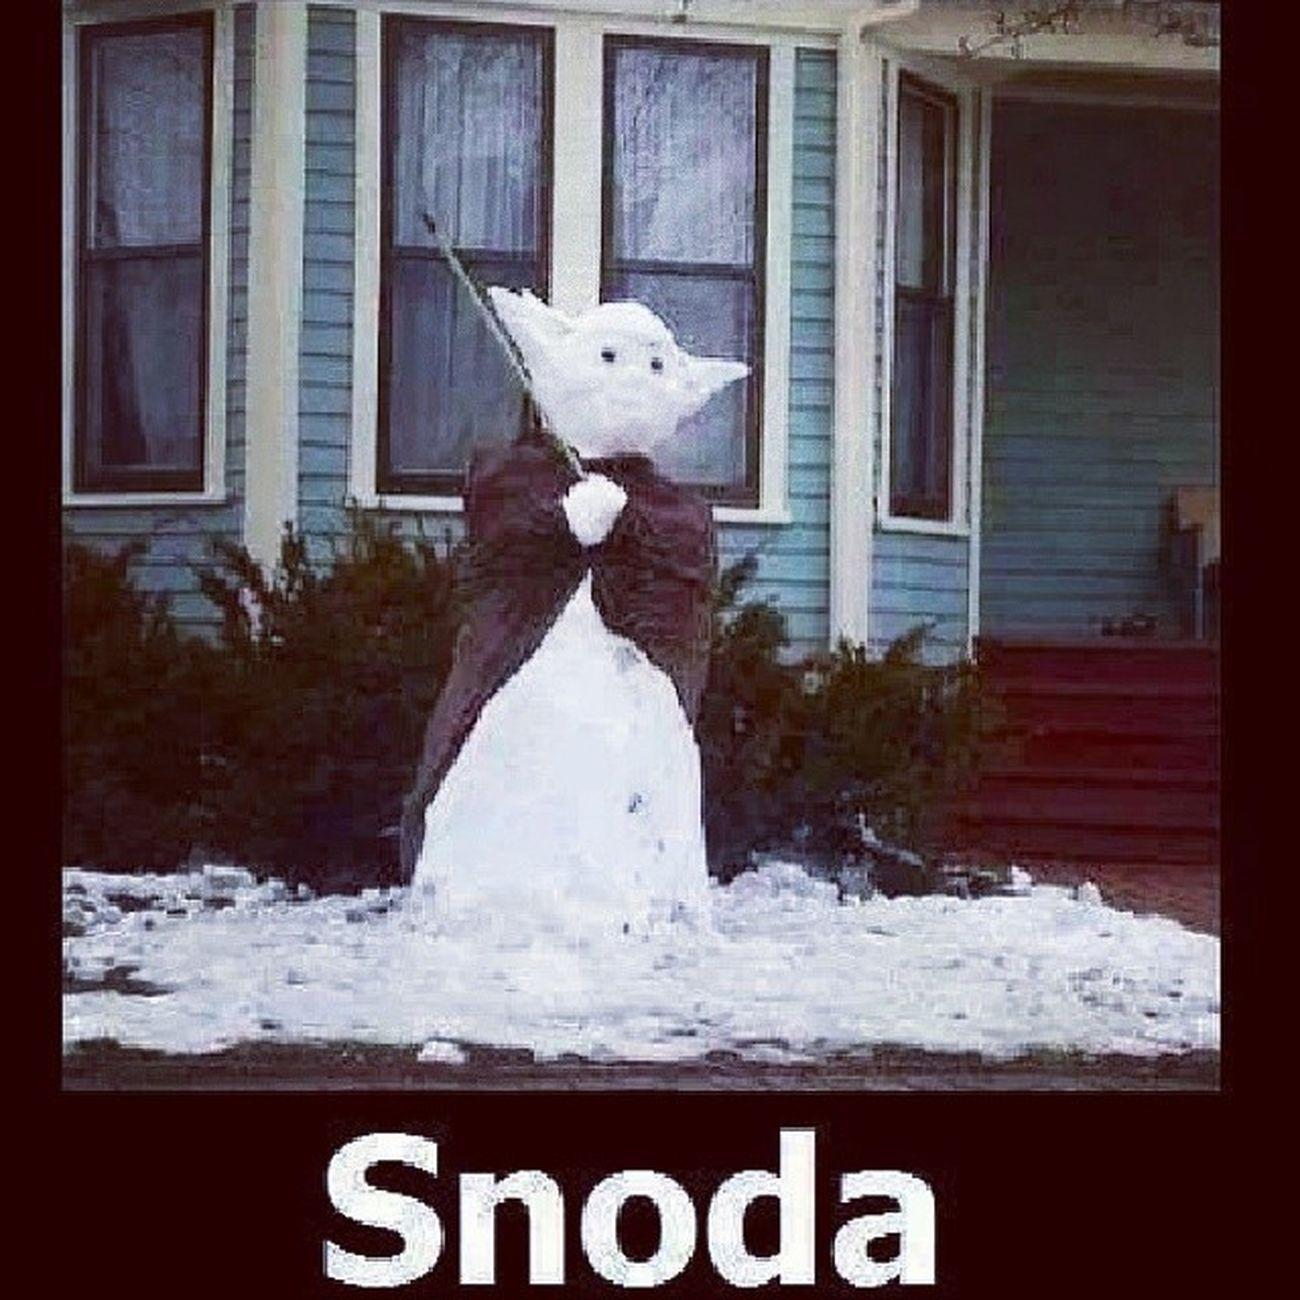 Snowman Snoda Yoda Starwars